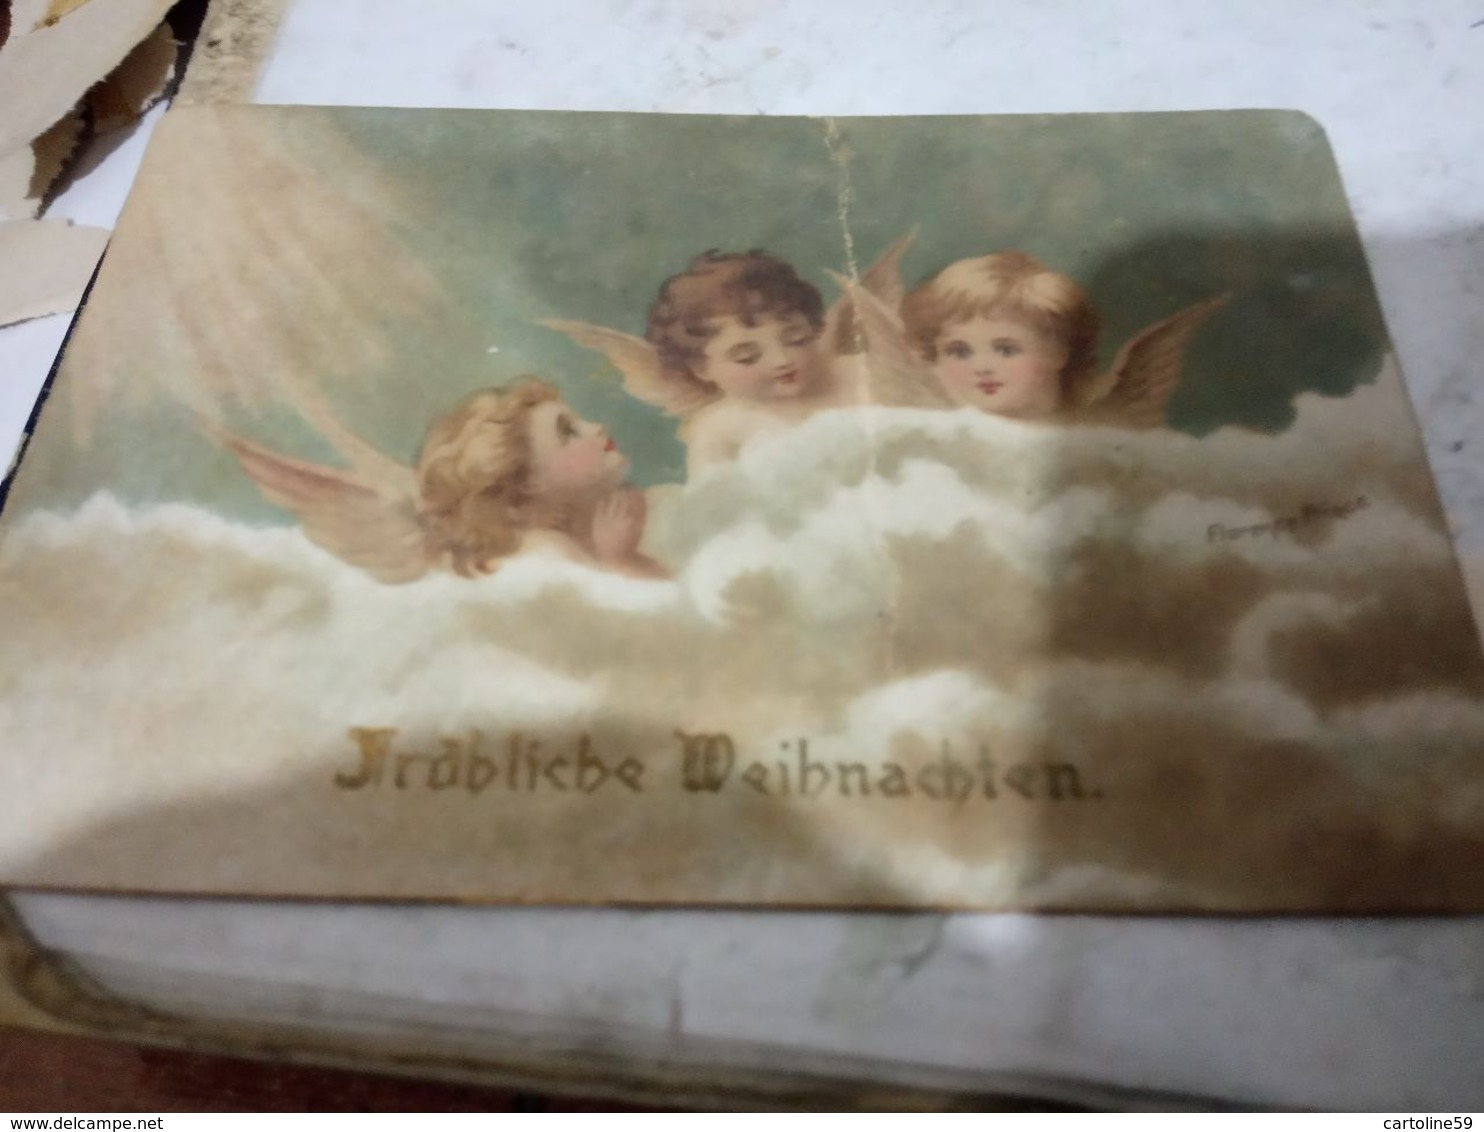 4 BIGLIETTINI  ANGELI  FIORI  BUON E FESTE  1 DIPINTO A MANO 1900/1950  HG1480 - Old Paper